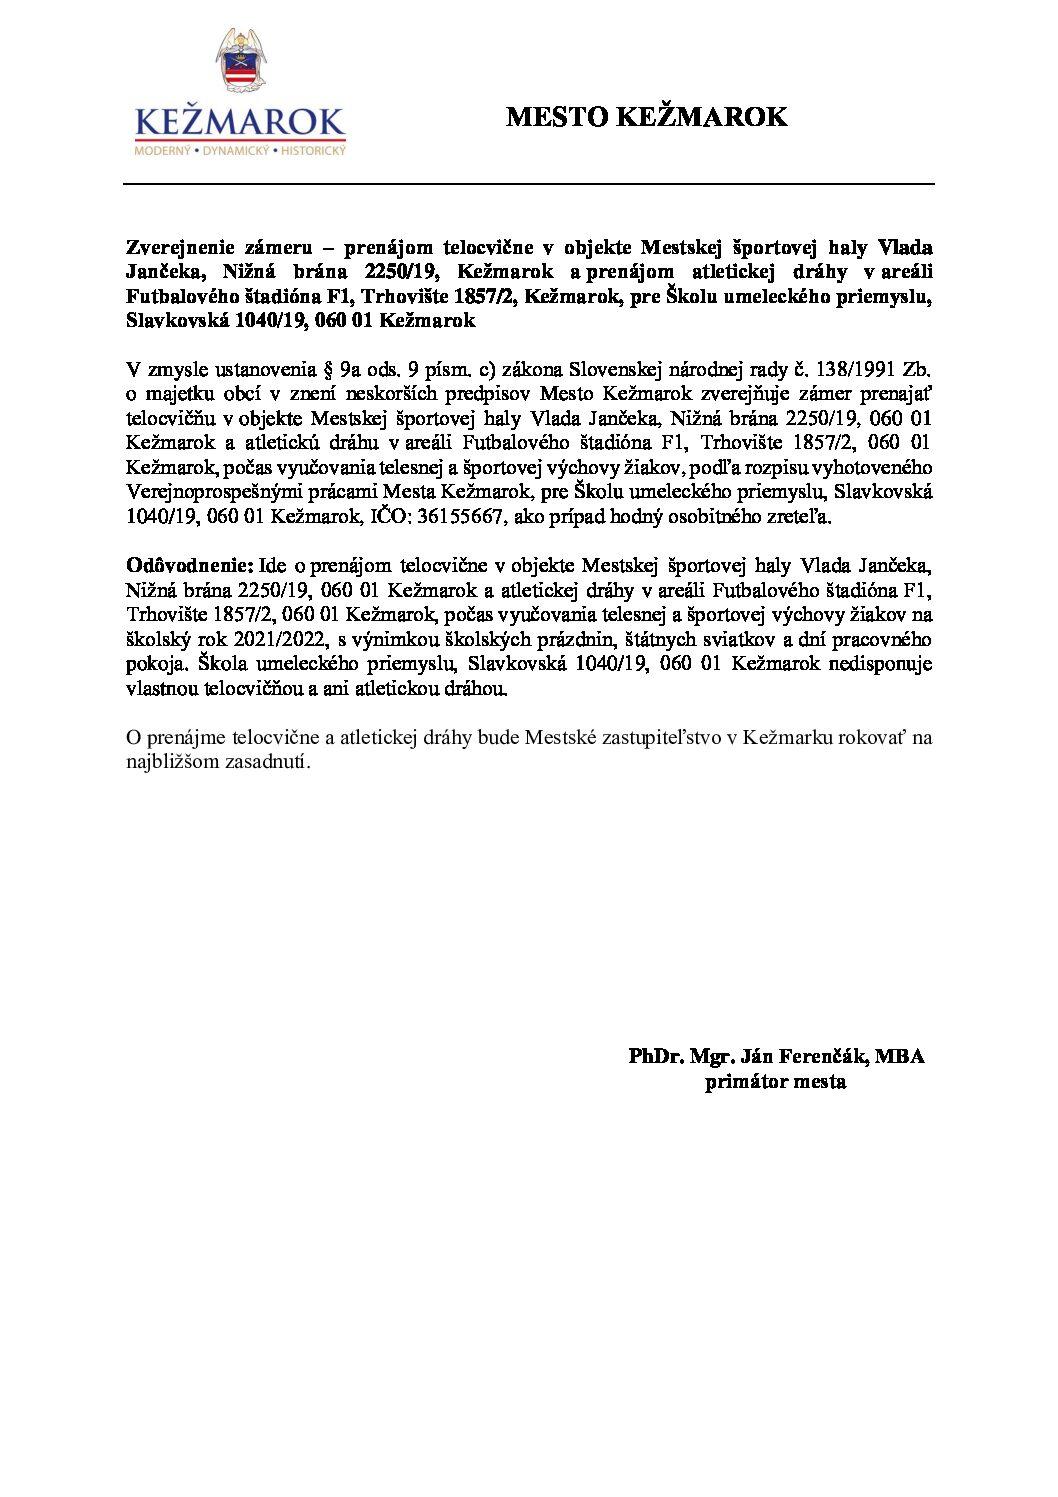 Zverejnenie zámeru - prenájom telocvične v priestoroch MŠH a atletickej dráhy v priestoroch F1